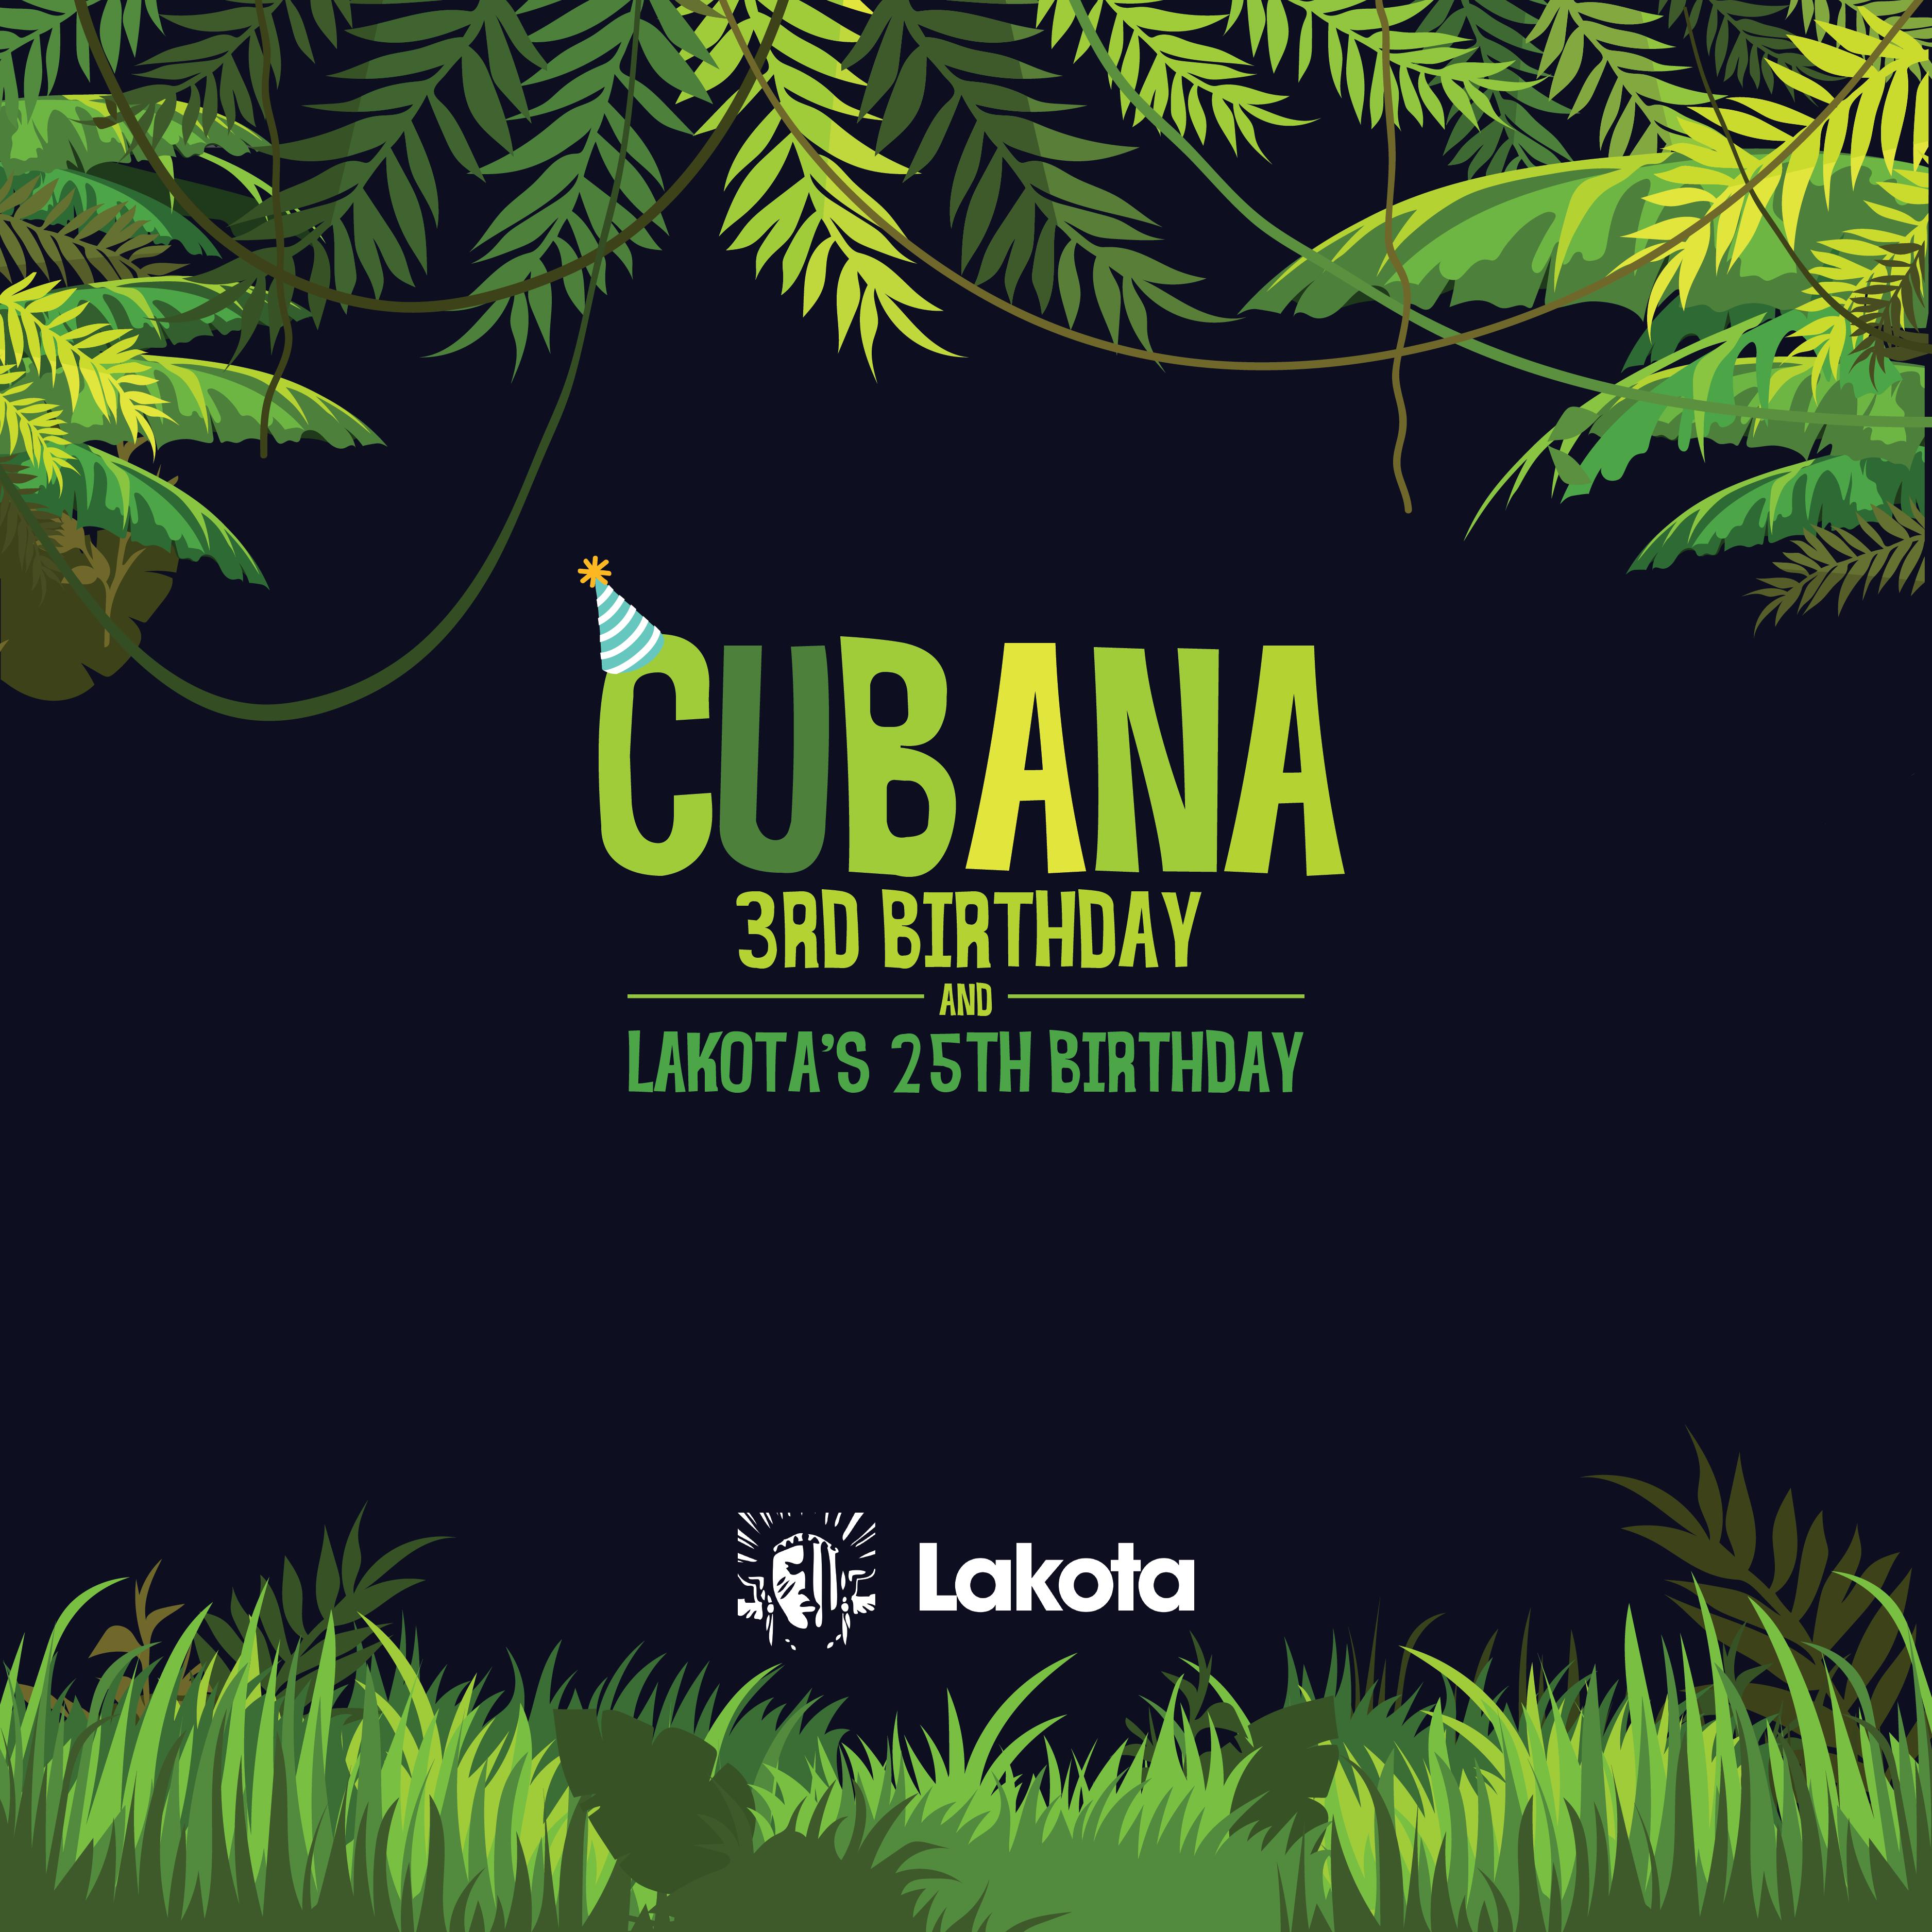 Cubana 3rd Birthday